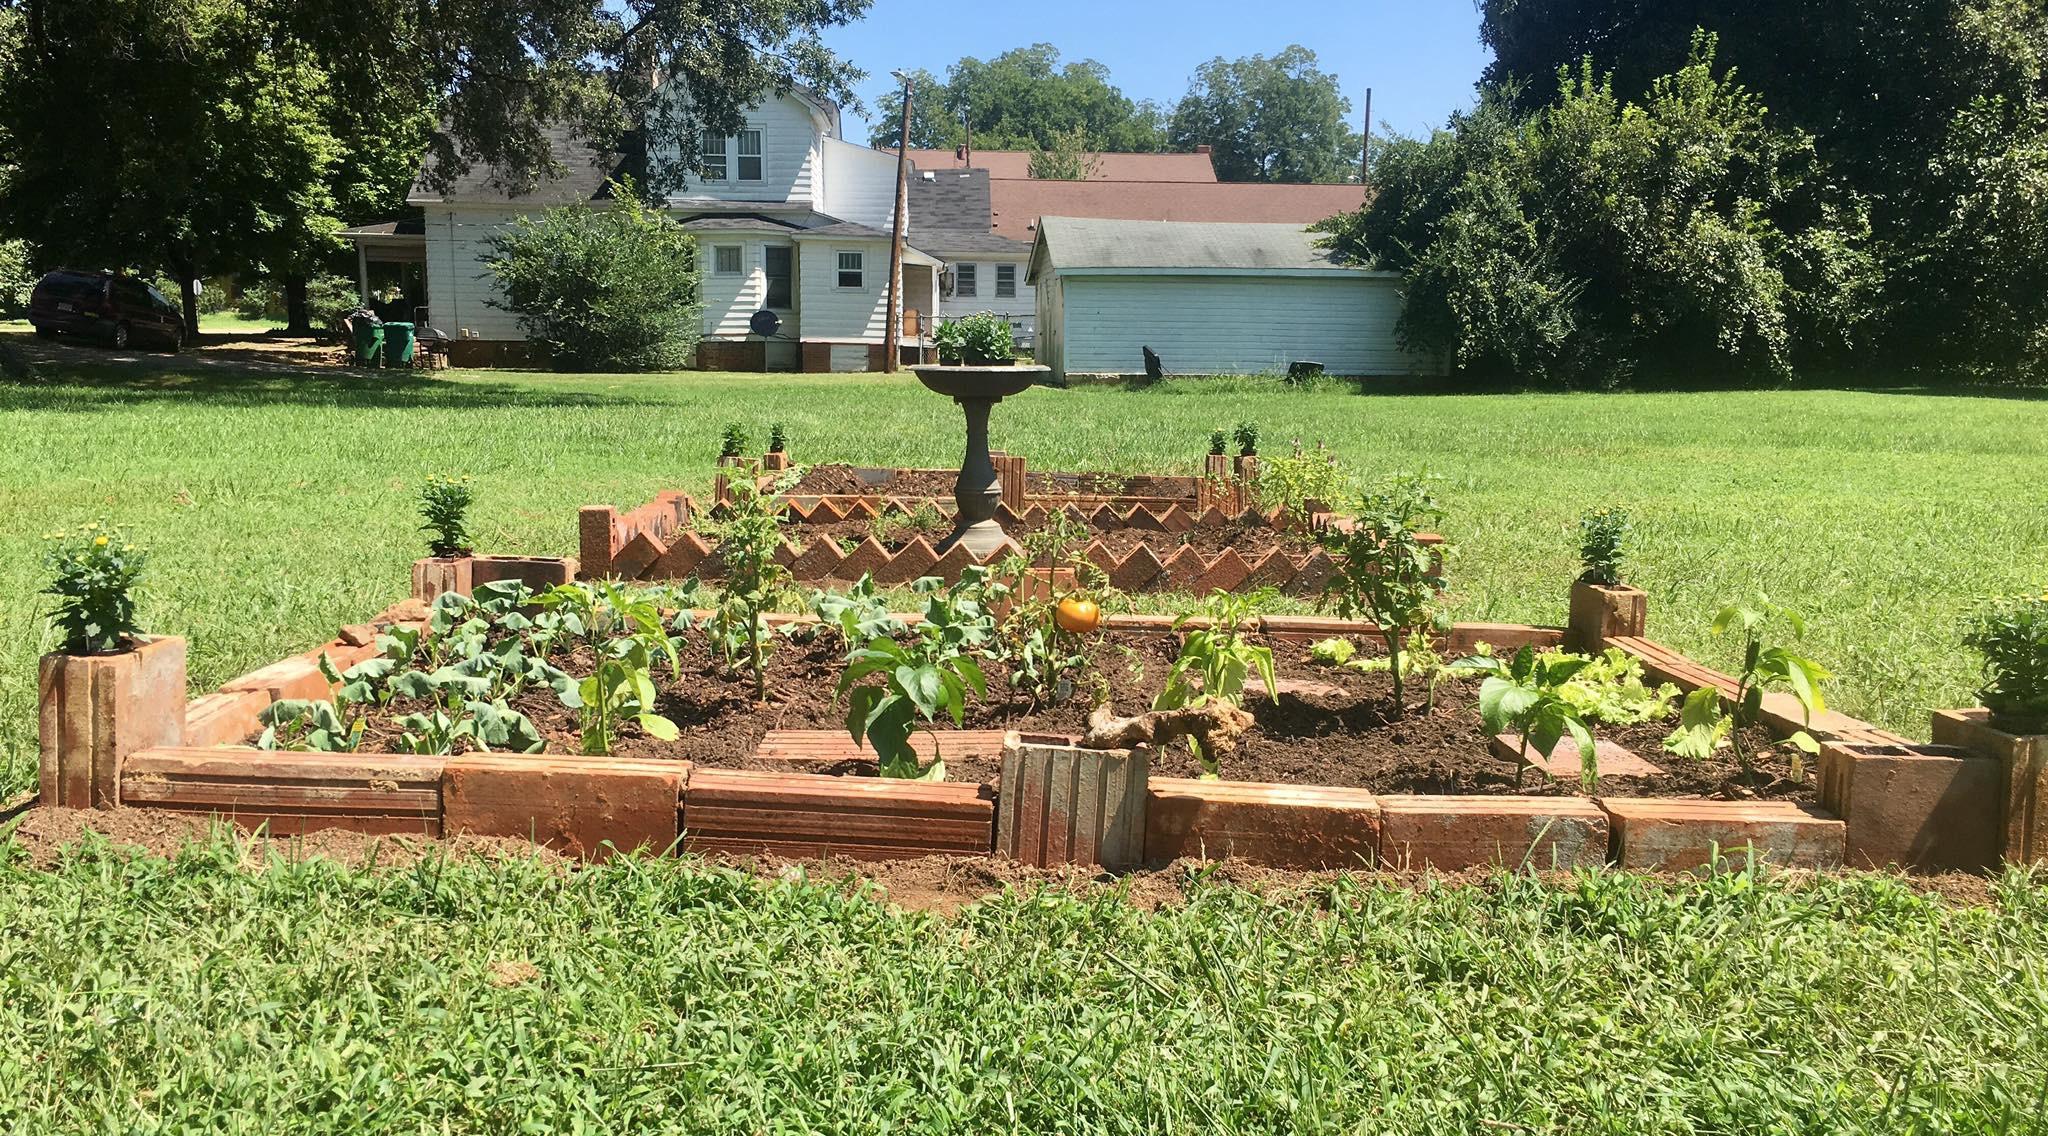 Town of East Spencer Community Garden